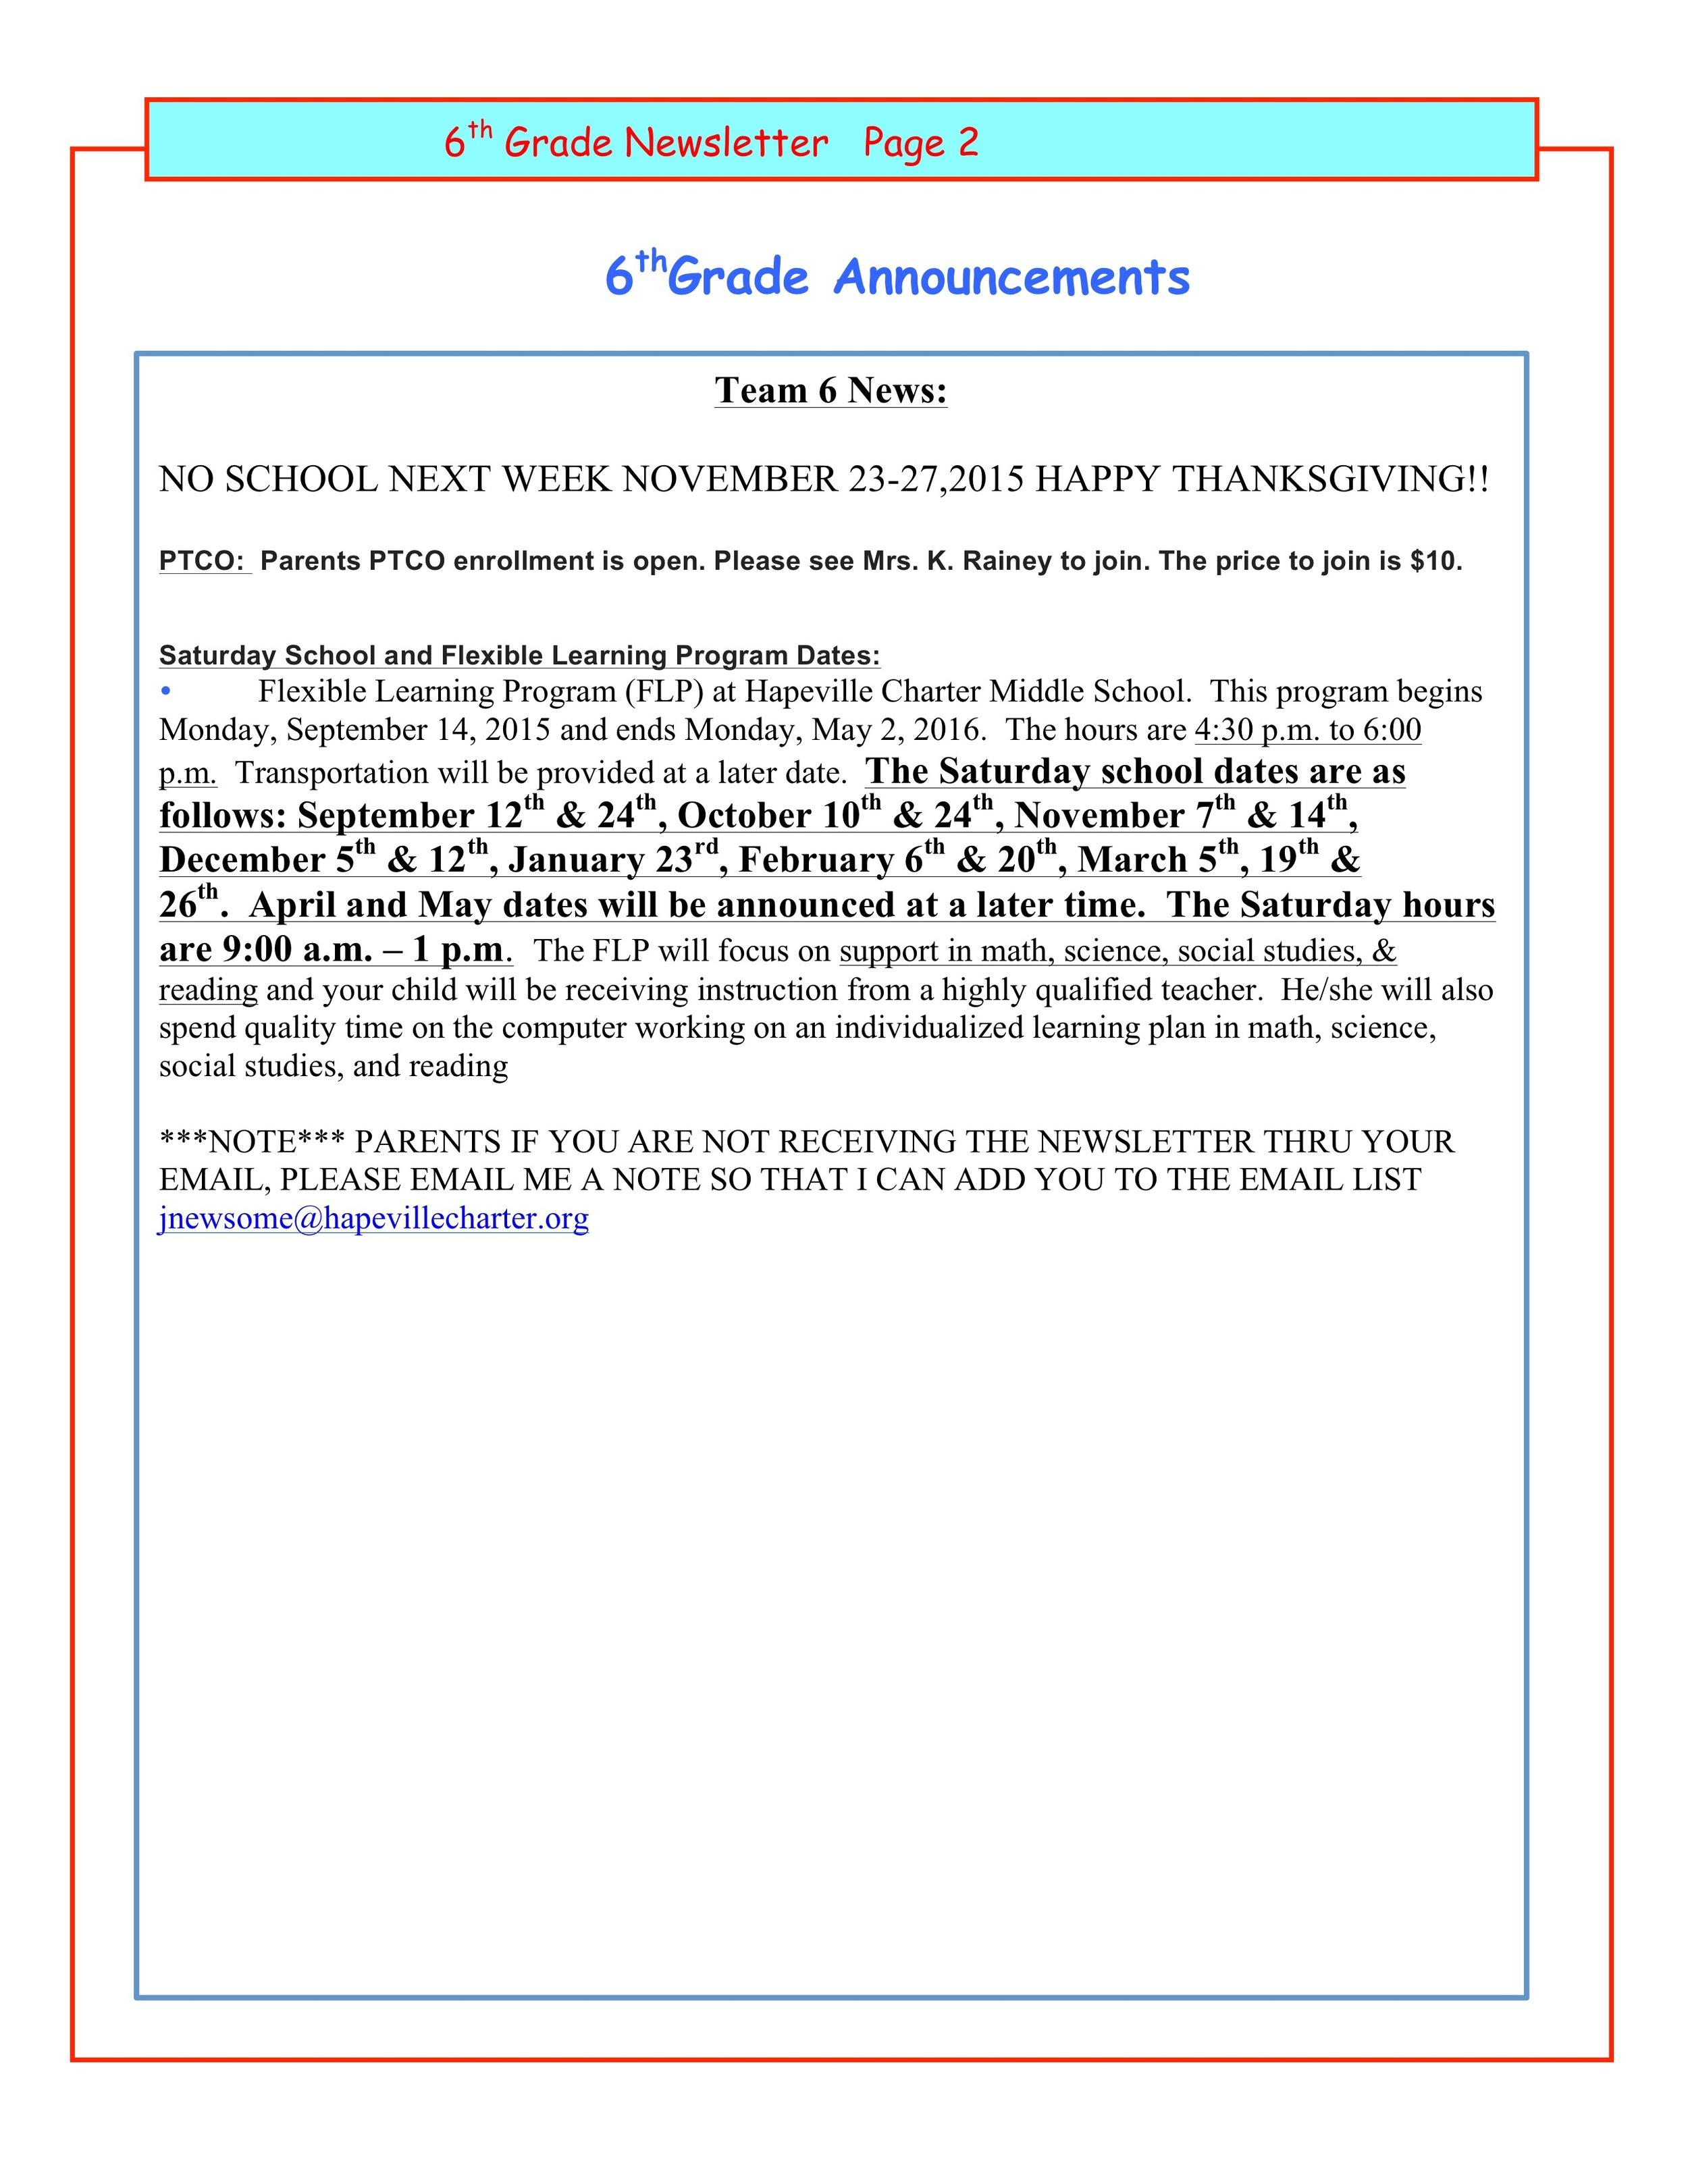 Newsletter Imagenewsletter archives header 2.jpeg